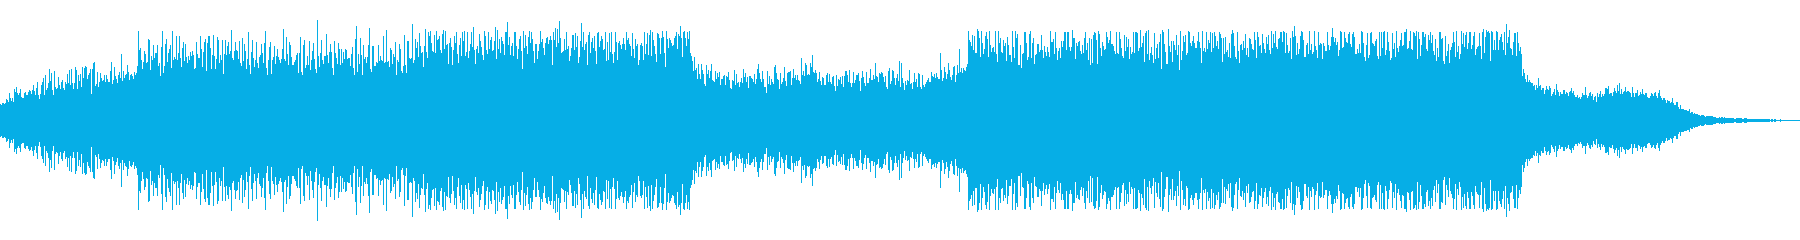 bpm140シンプルで地味なテクノの再生済みの波形